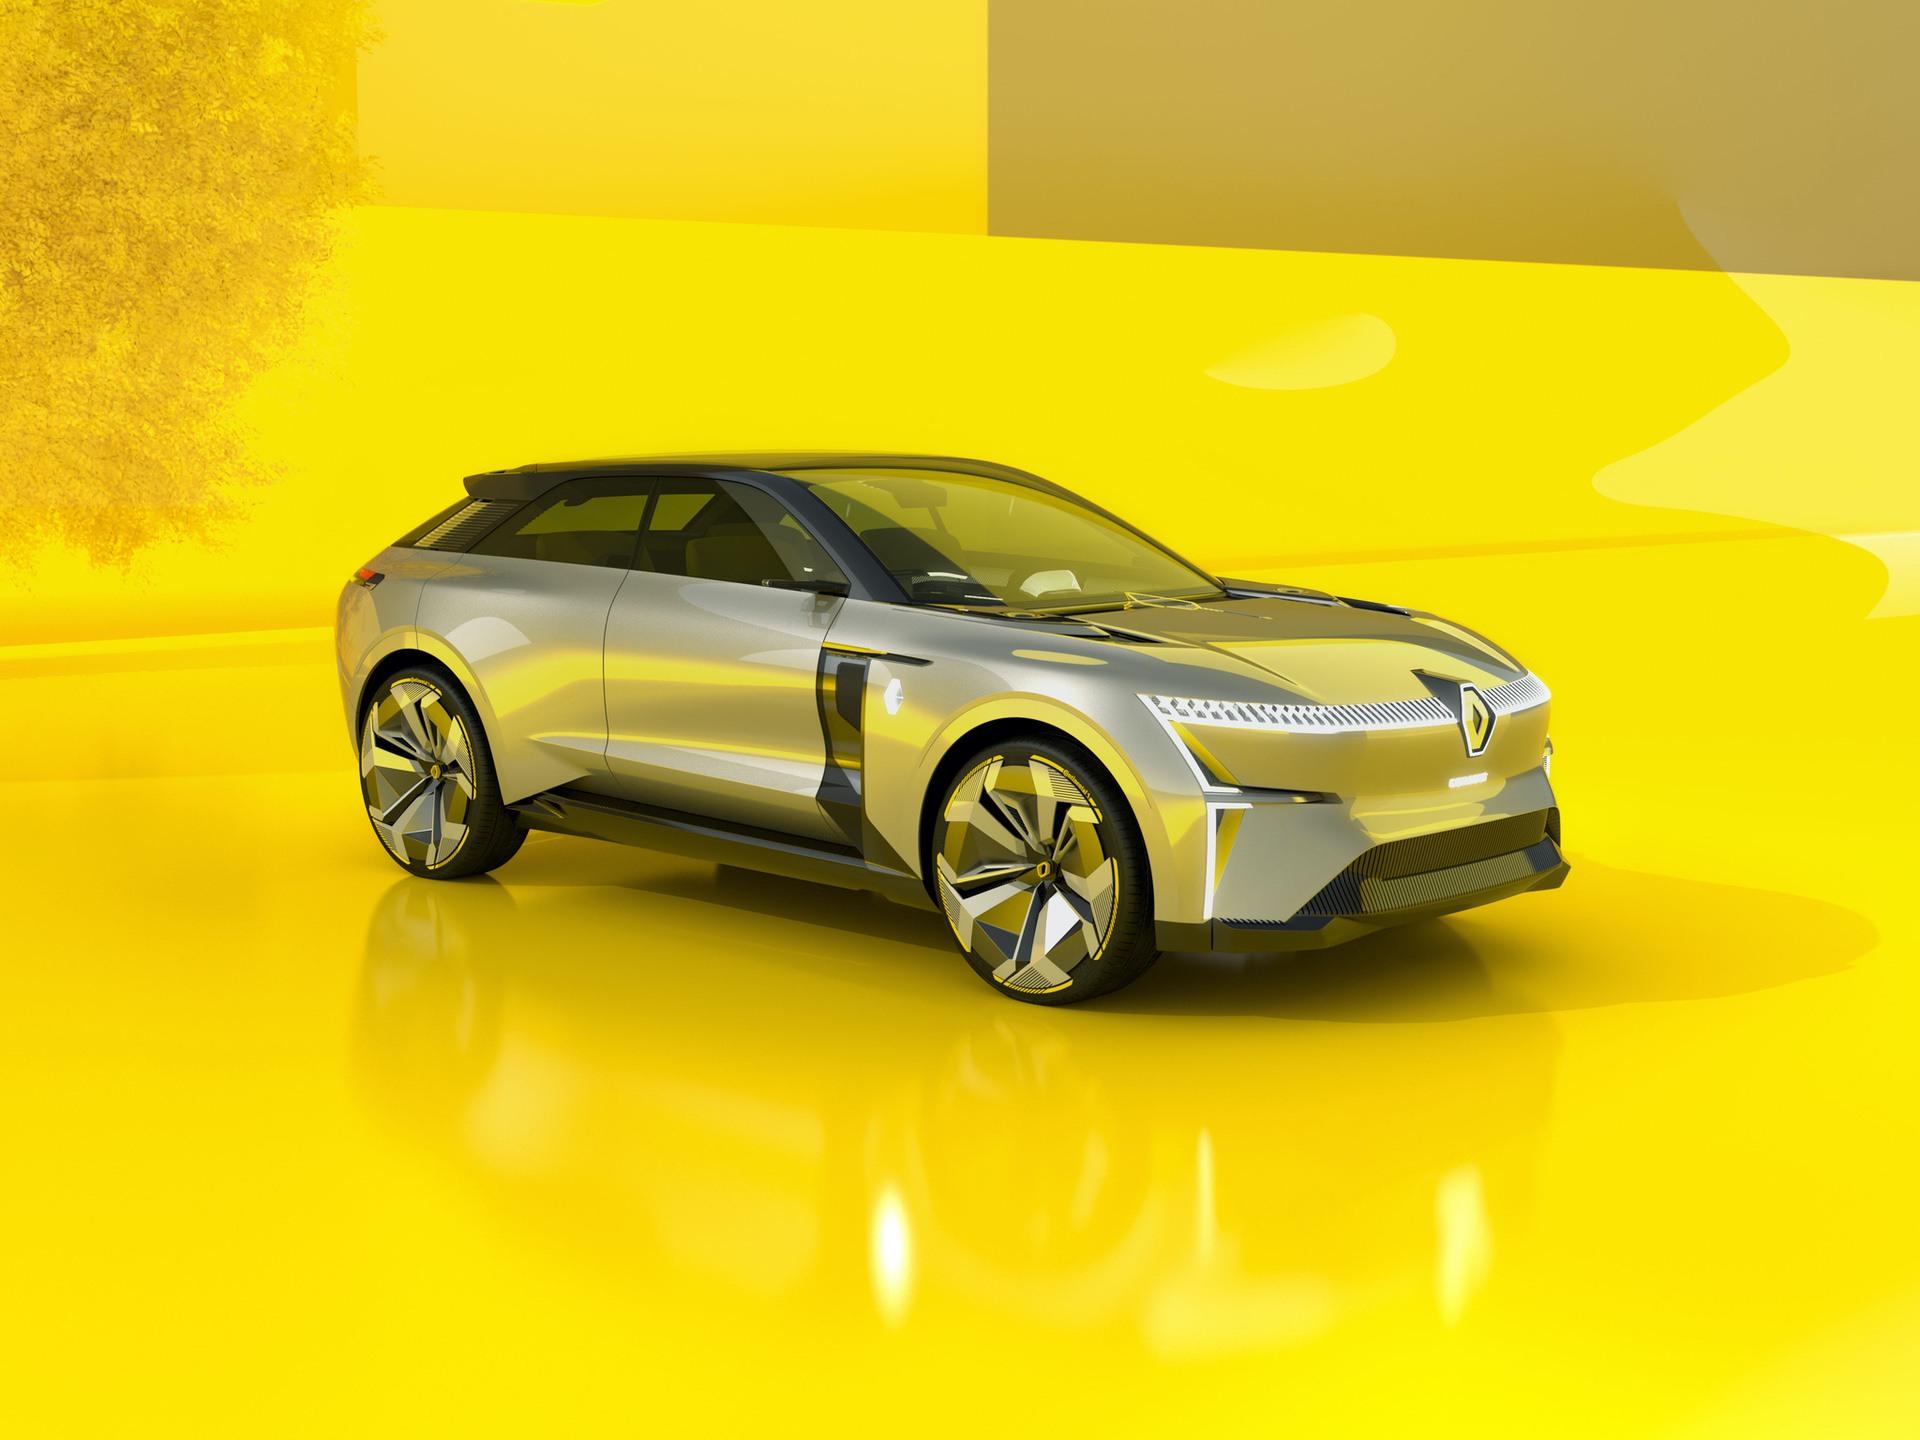 Renault_Morphoz_concept_0027